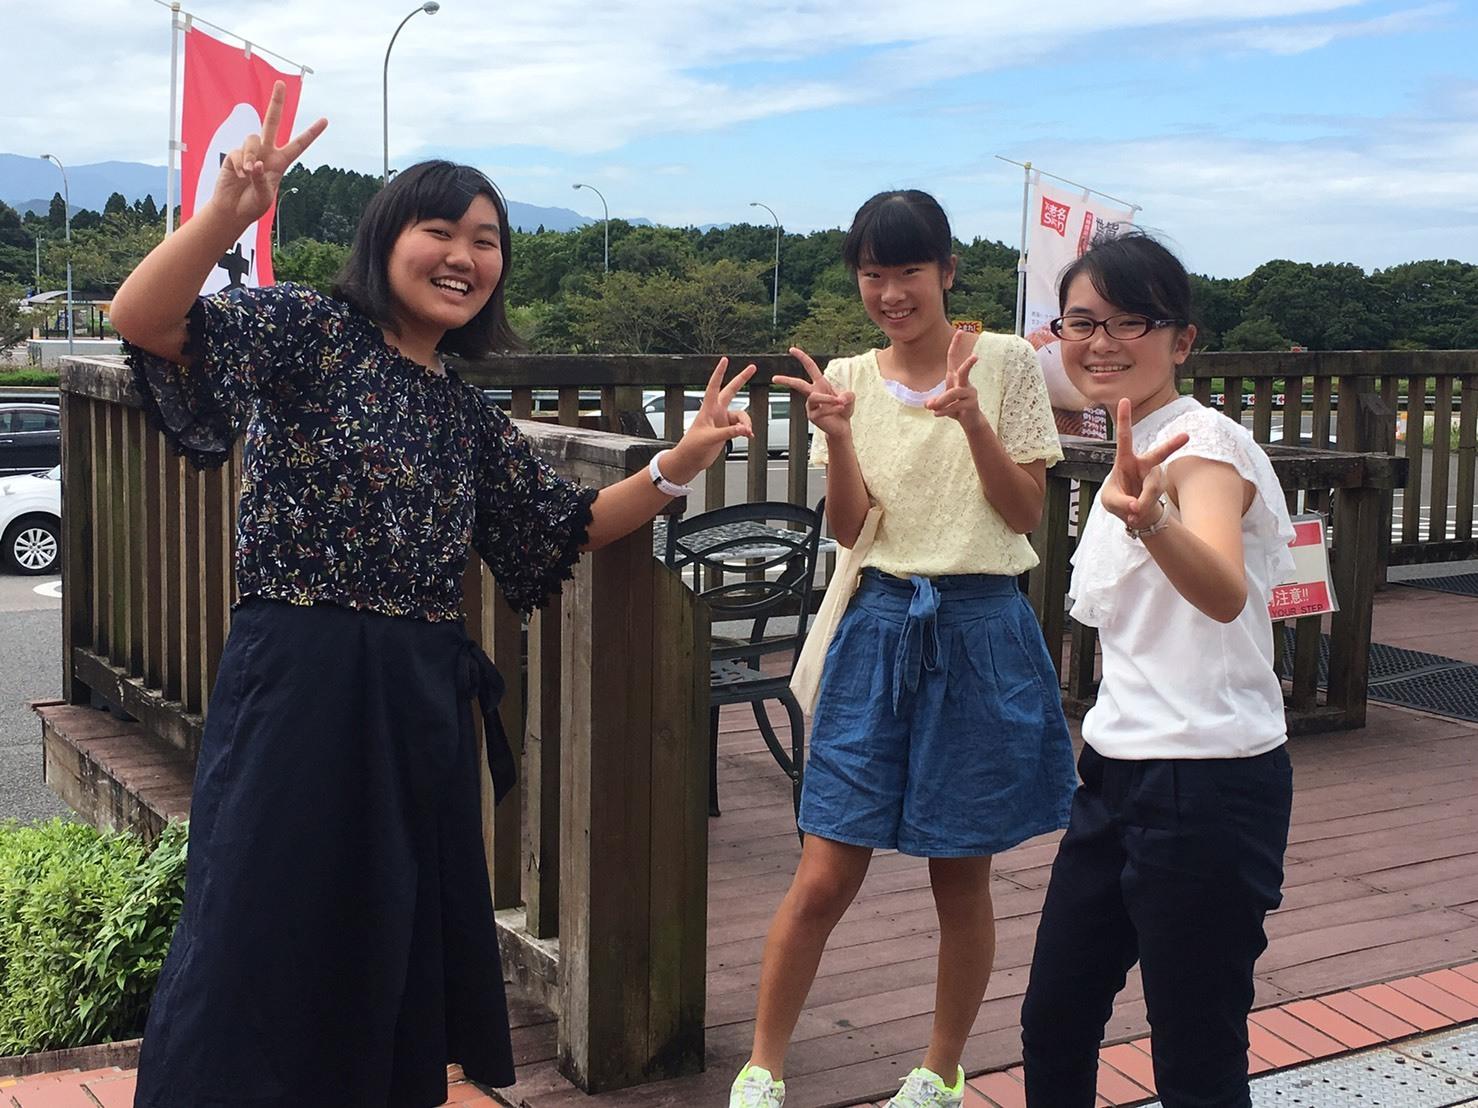 最高の学年による充実の宮崎夏合宿 -合宿1日目の写真-_d0116009_14504334.jpg